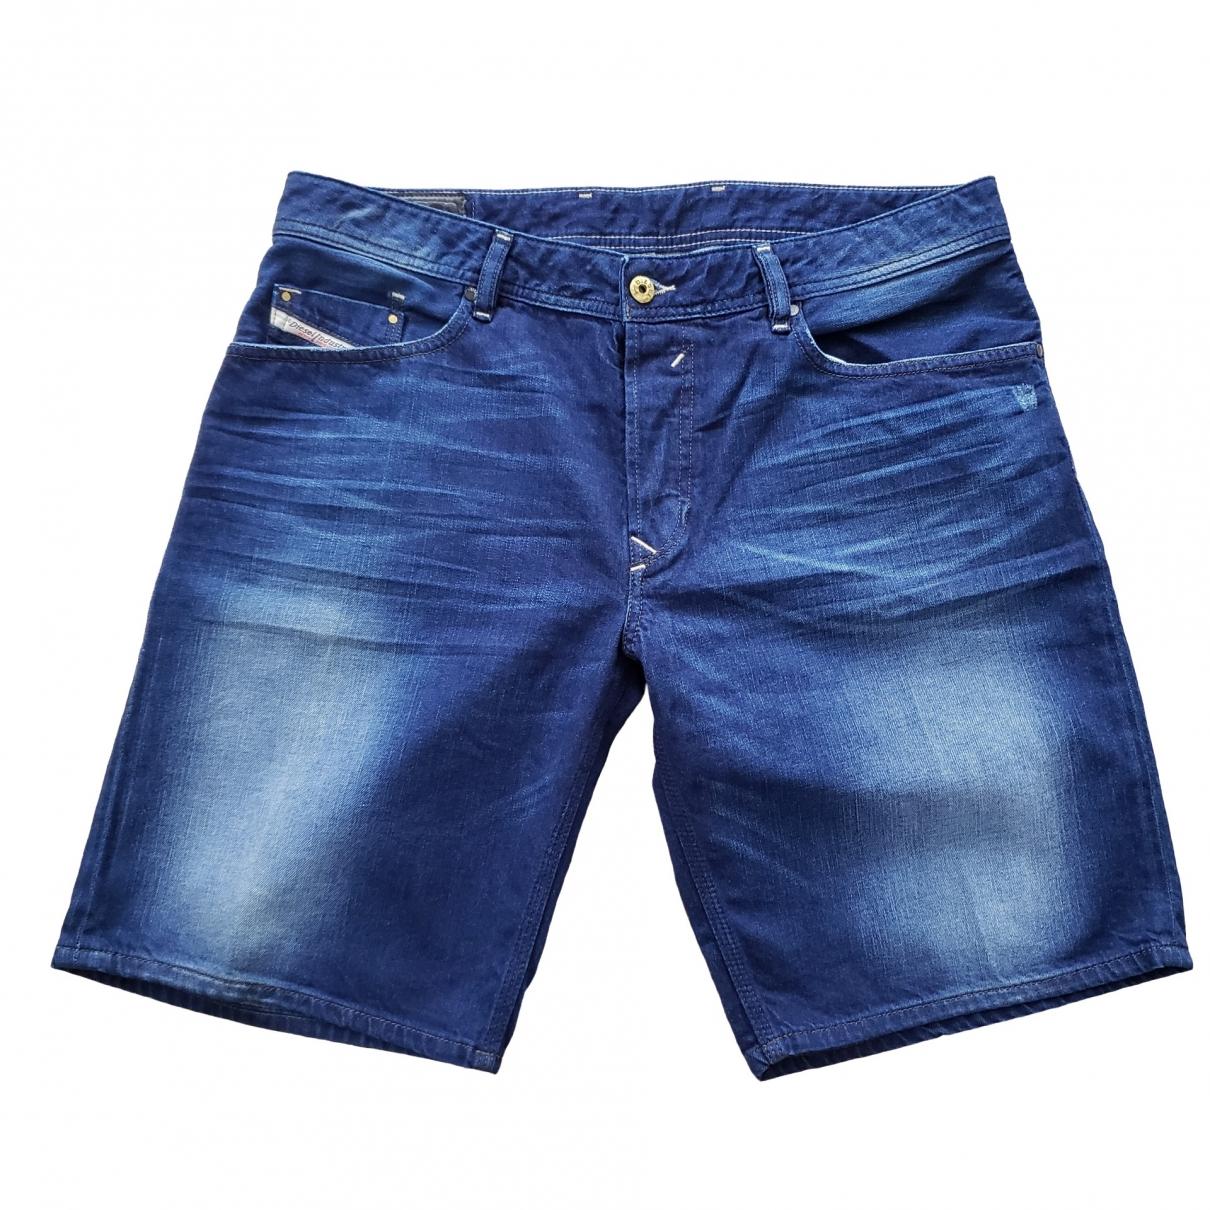 Pantalon corto Diesel